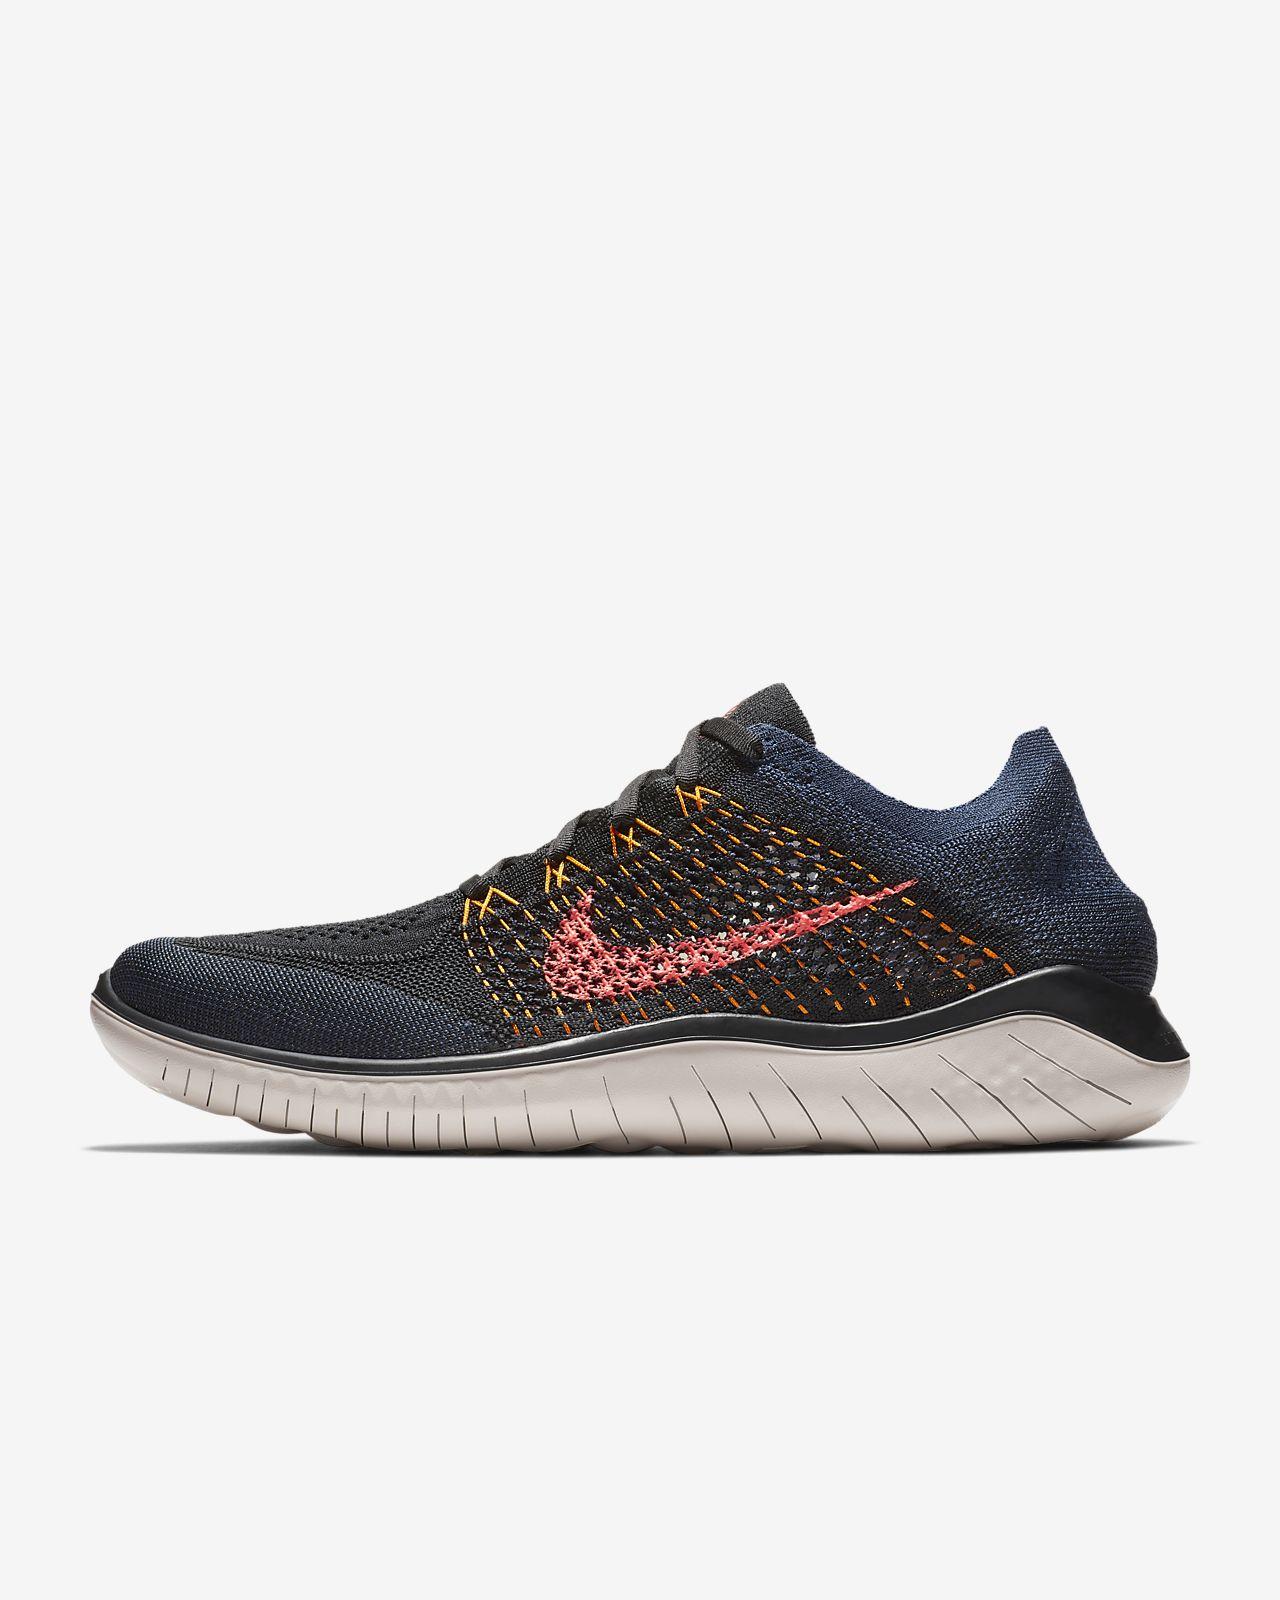 76c77684a3b95 Nike Free RN Flyknit 2018 Men s Running Shoe. Nike.com